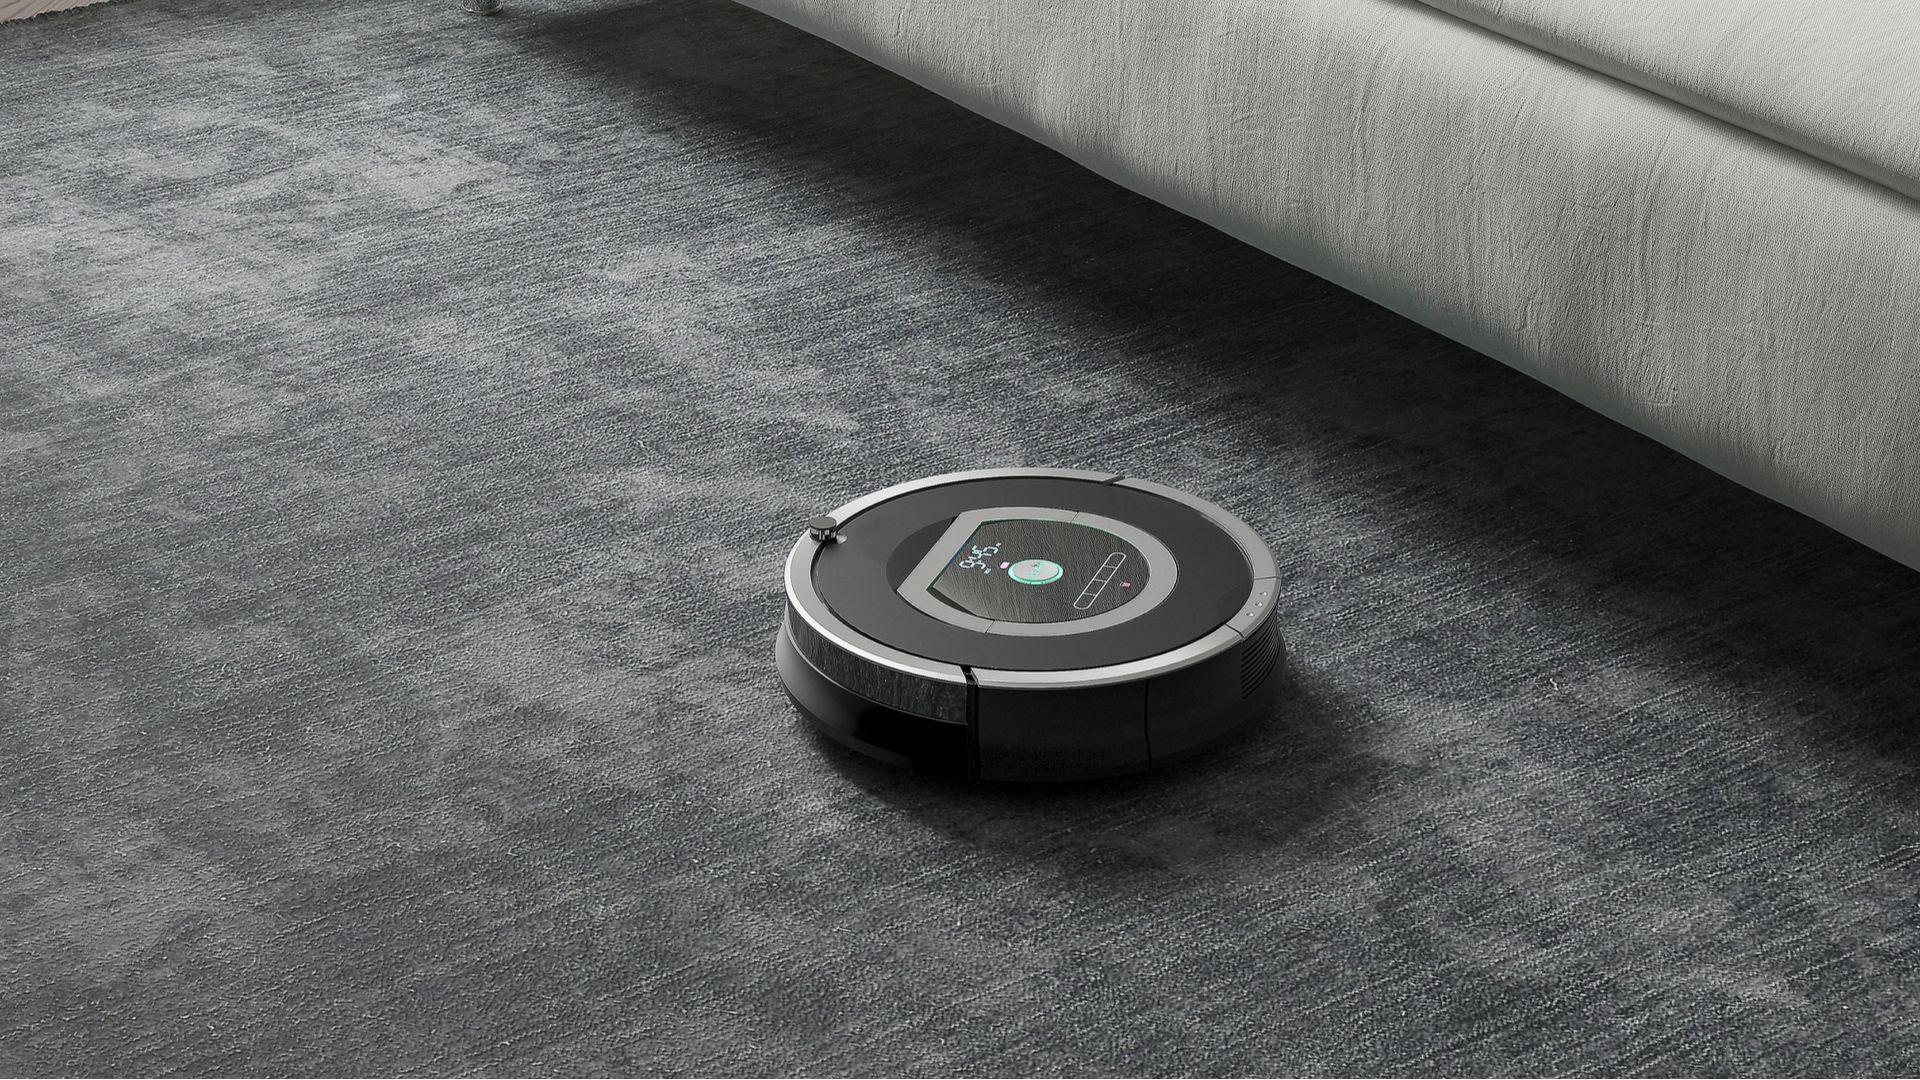 Alguns modelos de aspirador robô conseguem fazer a limpeza em carpetes e tapetes. (Imagem: Sompetch Khanakornpratip/Shutterstock)